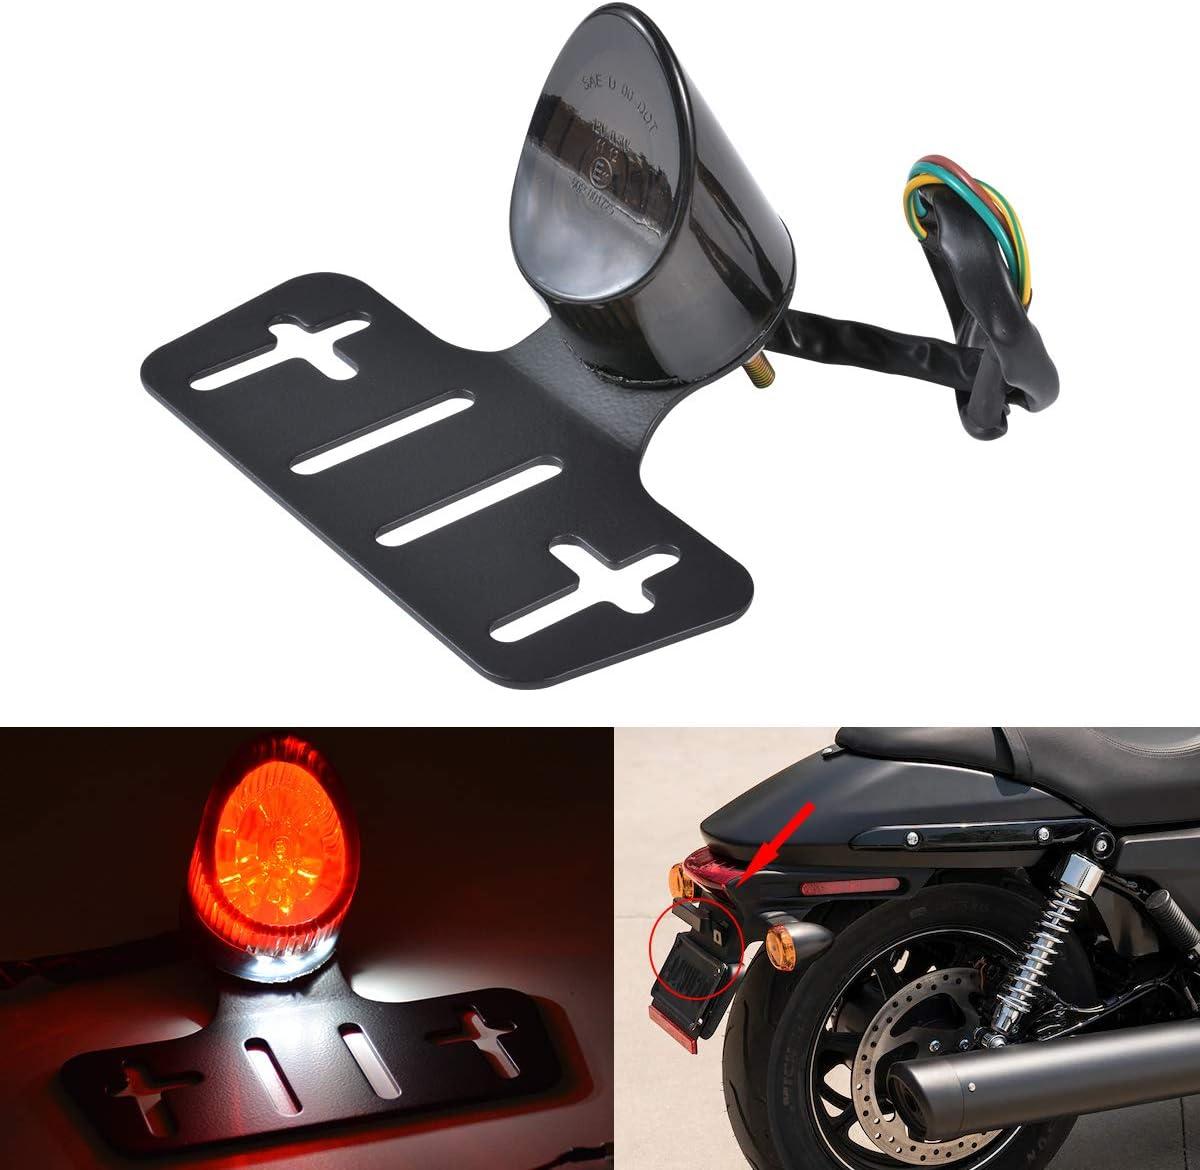 Tuincyn Motorrad Rücklicht Bremslicht Lauflicht Kennzeichenbeleuchtung Rauchglas Rotes Licht Passend Für Kawasaki Atv Chopper 1 Pack Auto